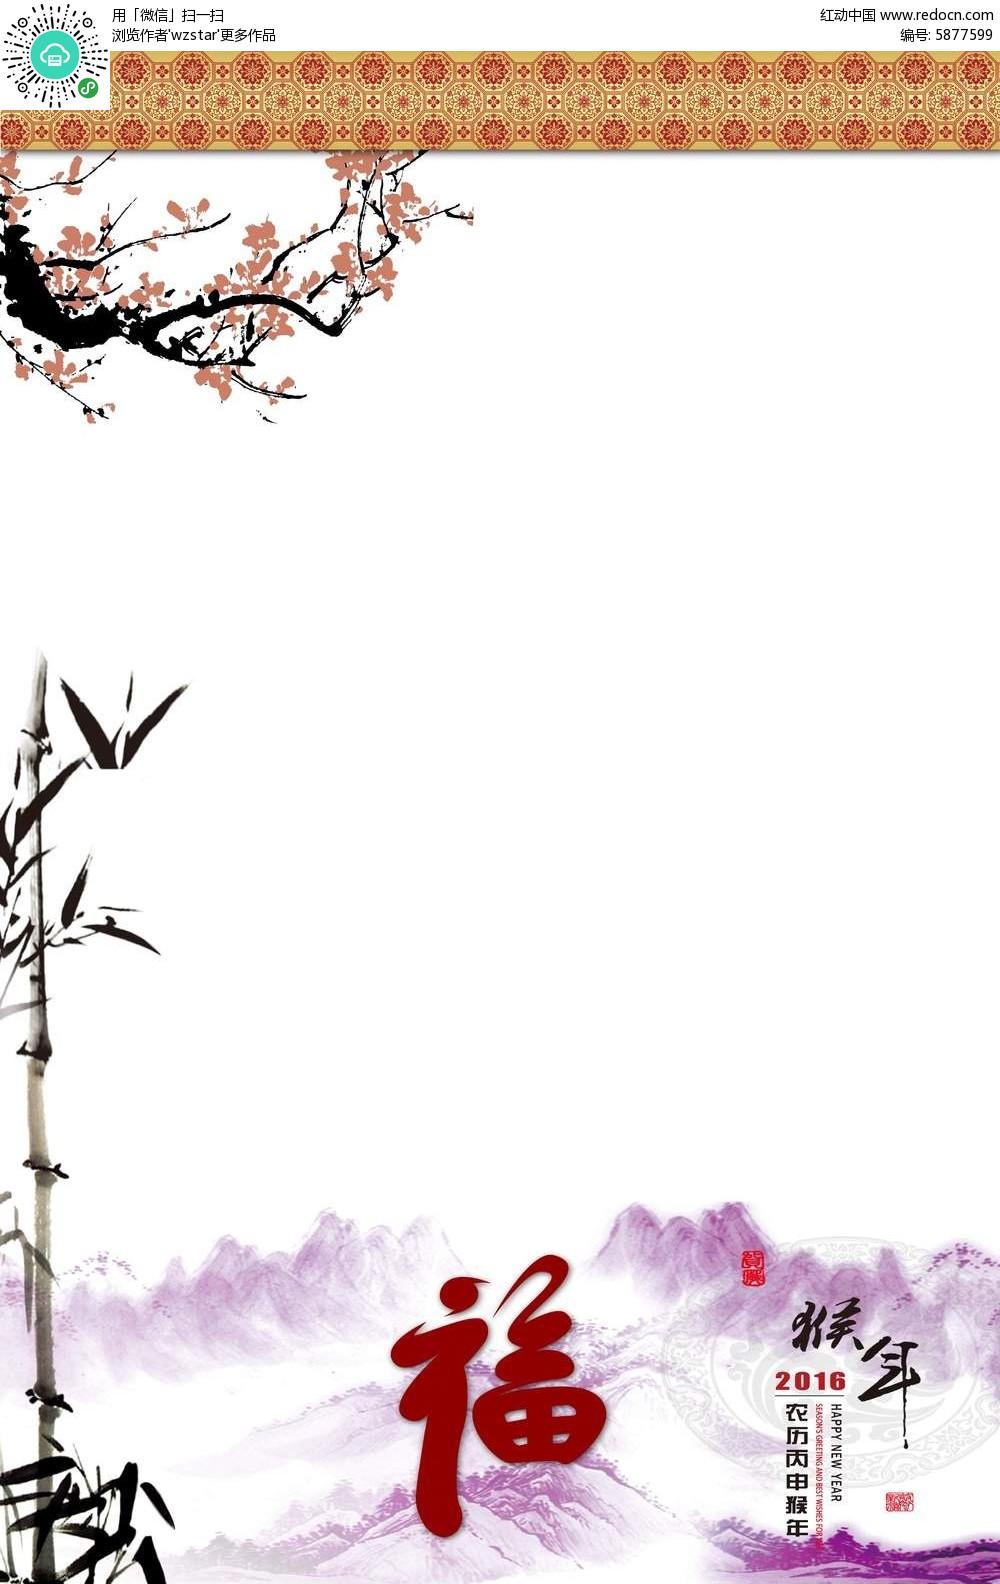 中国风海报背景设计